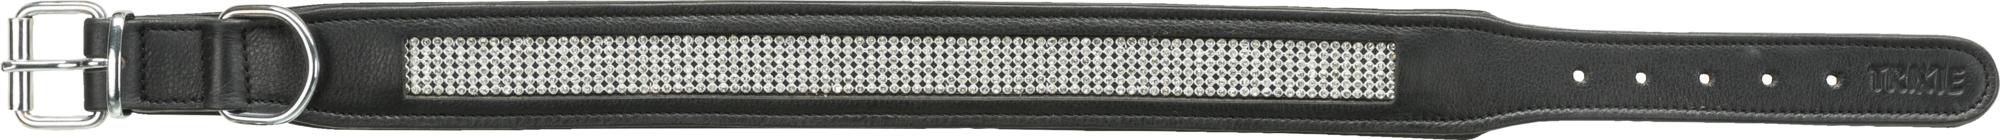 TRIXIE Active Comfort Halsband mit Strass, Leder TRIXIE Active Comfort Halsband mit Strass, Leder, L: 50–58 cm/30 mm, schwarz